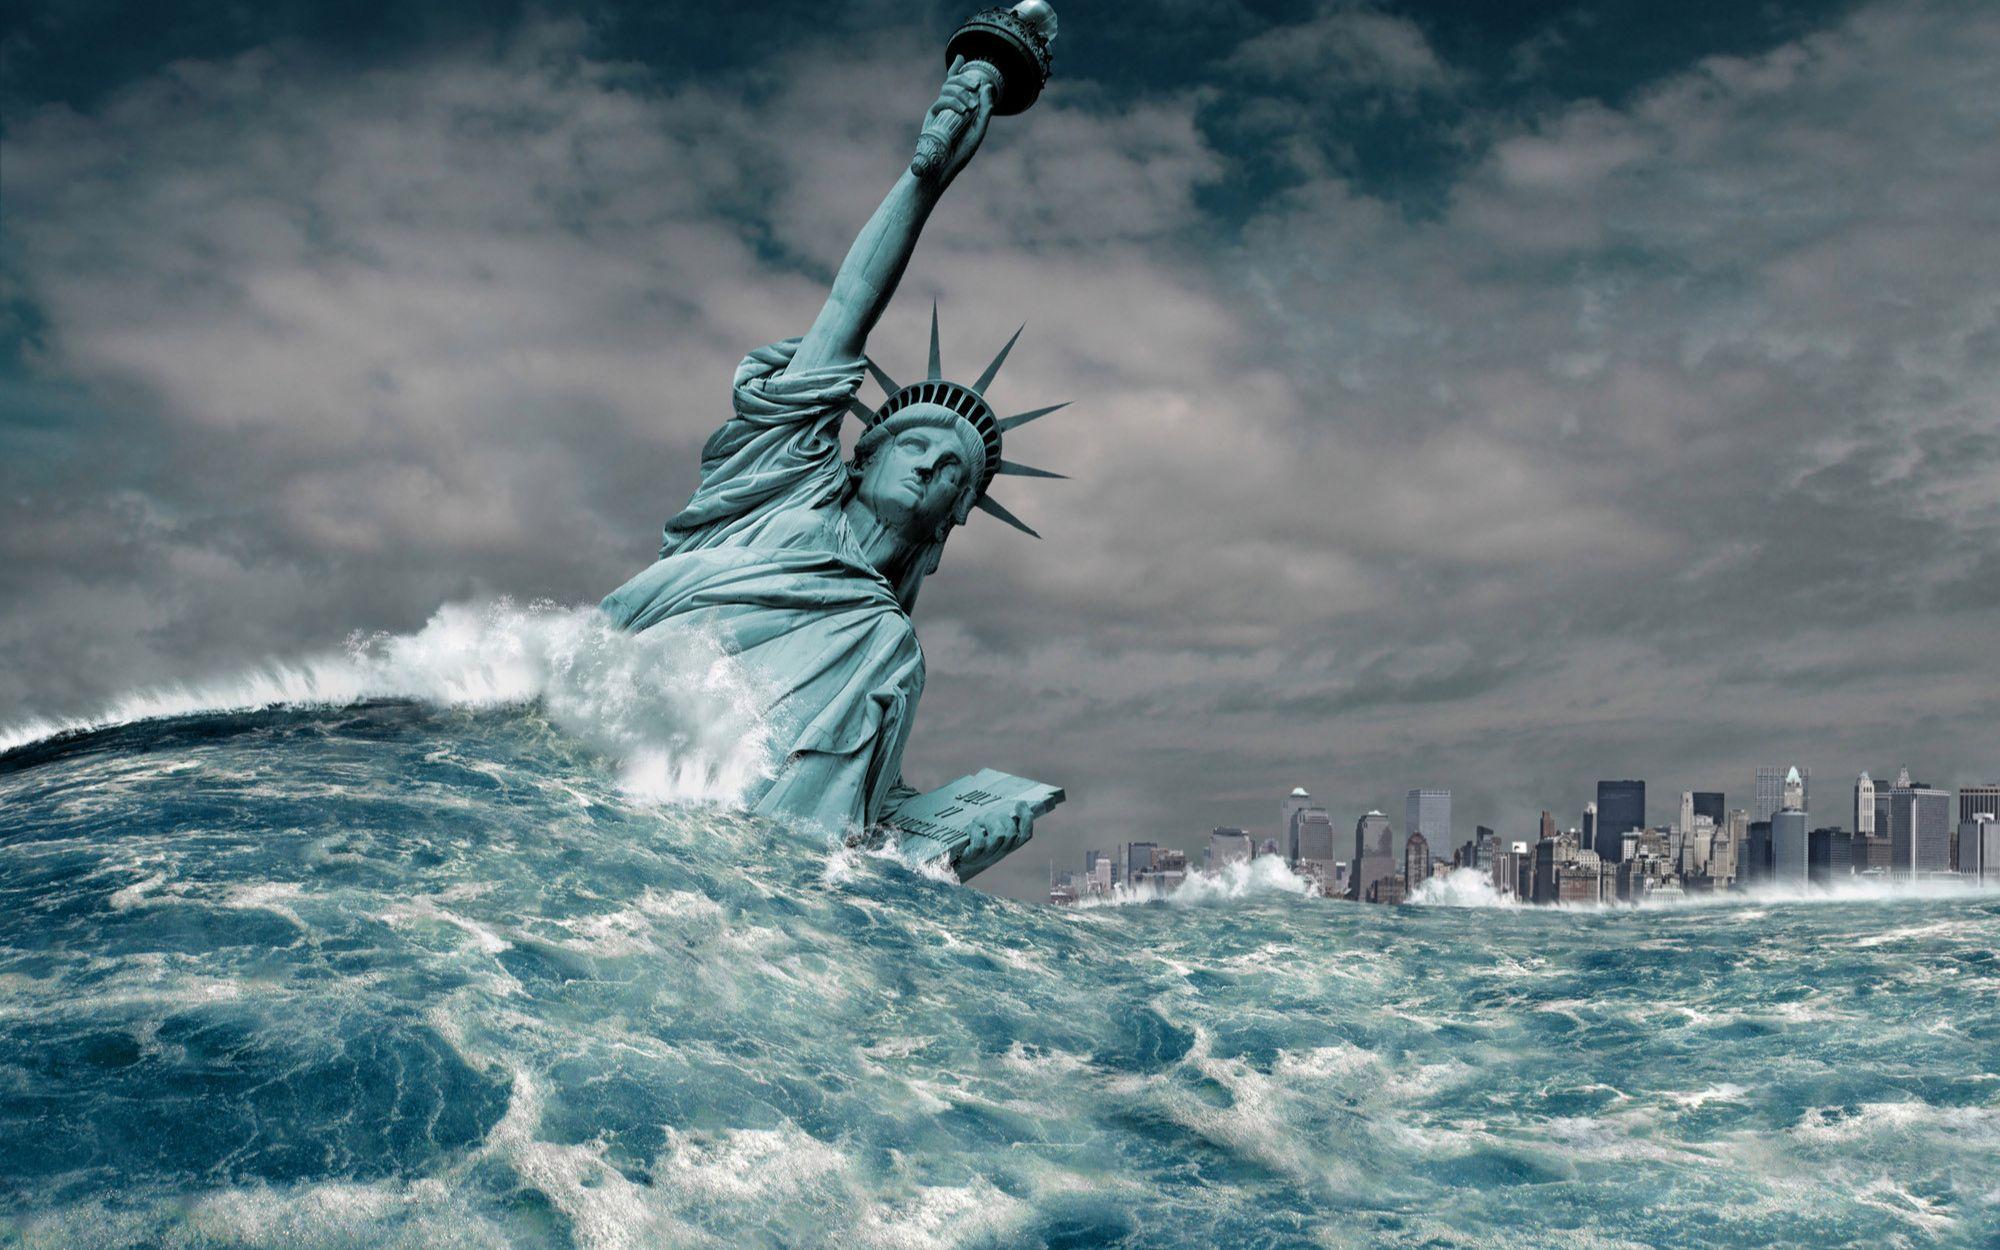 Quốc đảo này sắp bị xóa sổ vĩnh viễn, nguyên nhân vì đại nạn chúng ta sắp đối mặt - ảnh 3